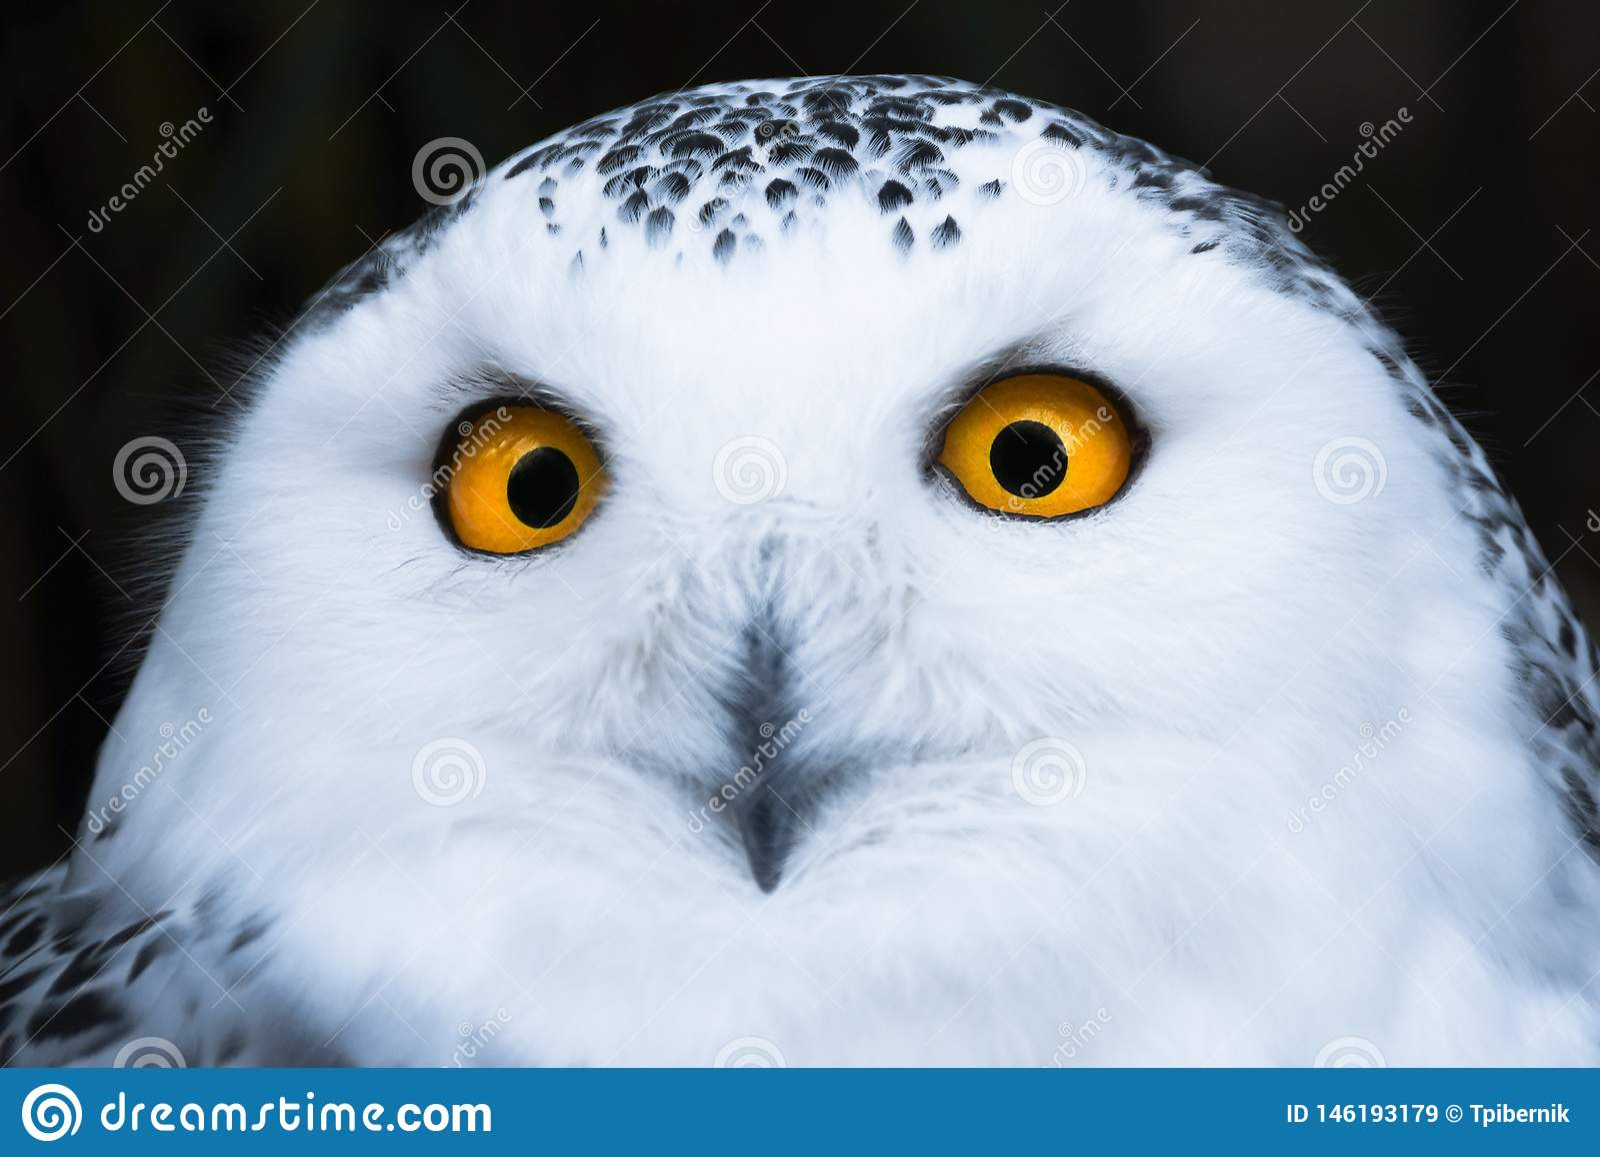 Мудрый выглядя белый снежный сыч с большим оранжевым портретом глаз